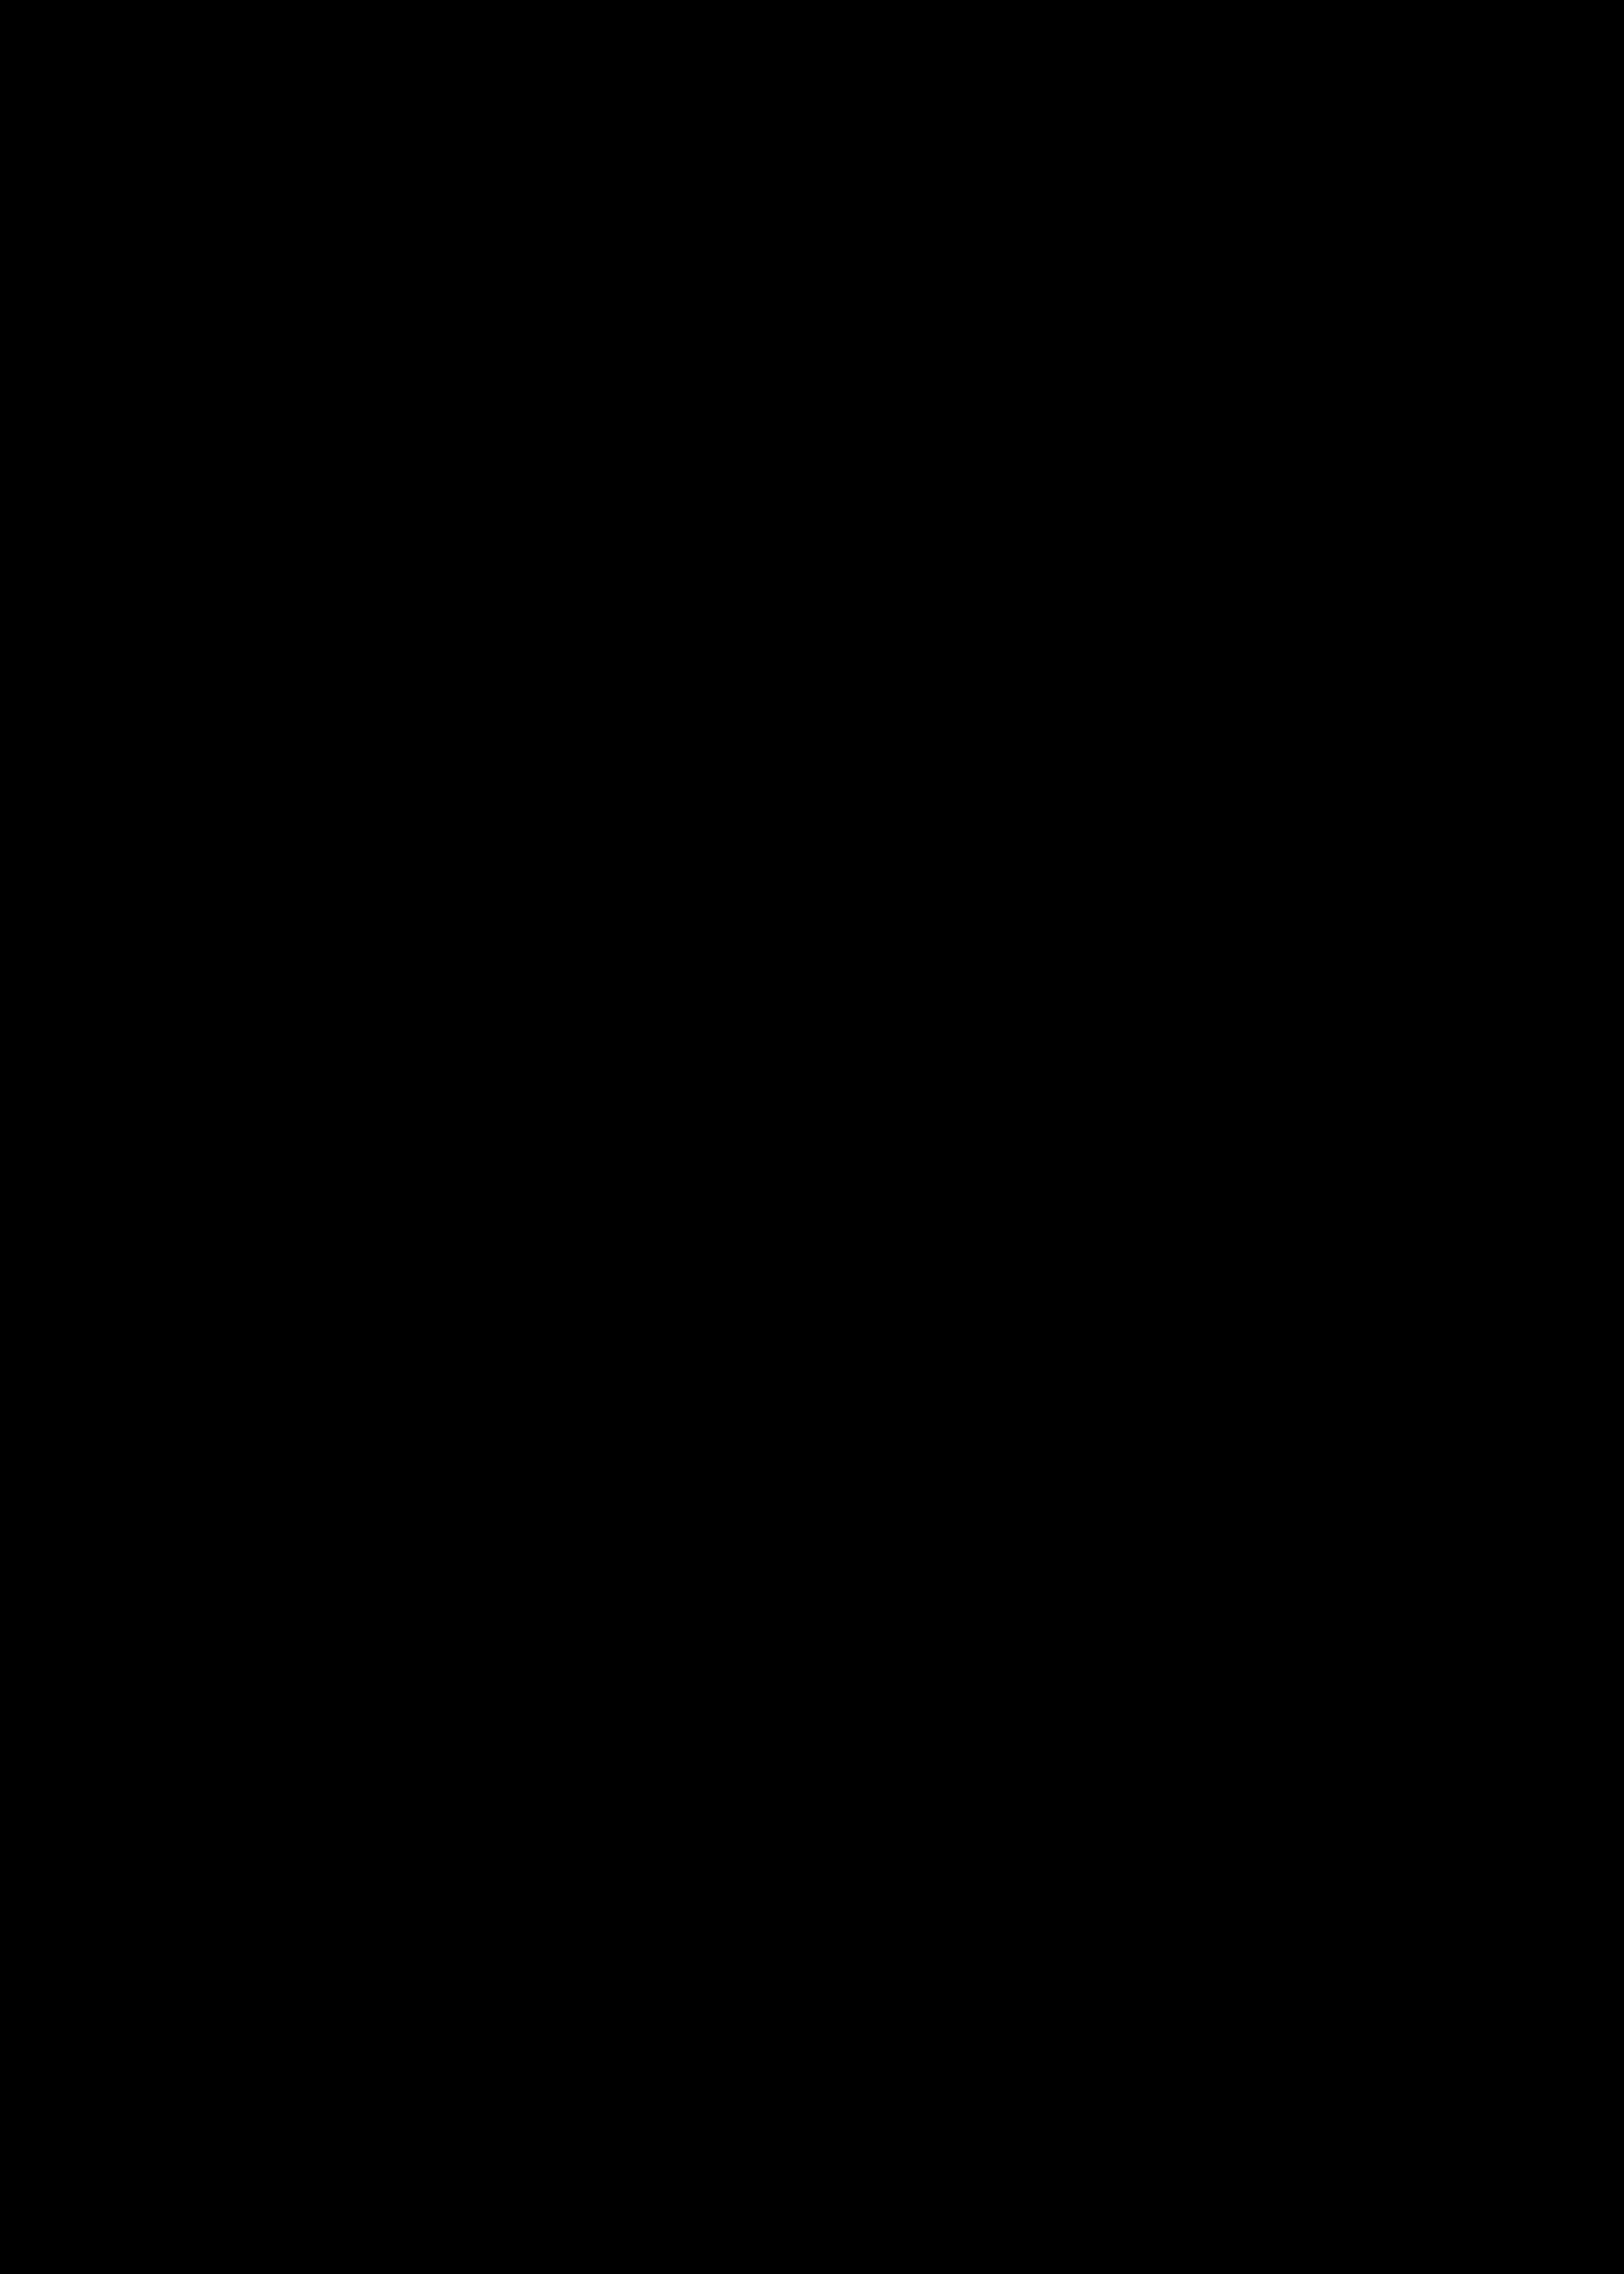 Jornadas de Tutores y Residentes de ACALEFYC, 11 de mayo 2018 en el Colegio de Enfermería de Salamanca